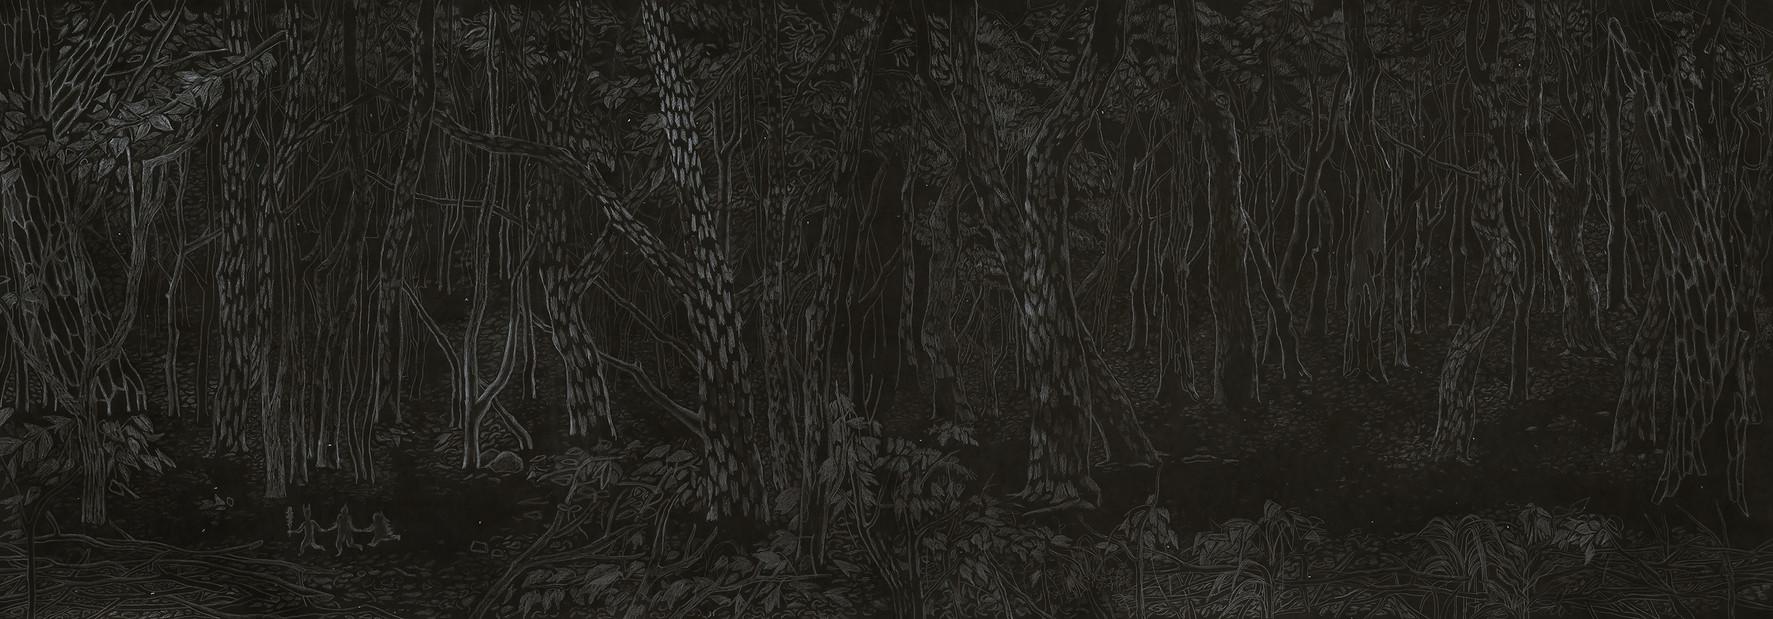 도깨비숲, 장지에 먹과 연필, 130x326cm, 2016